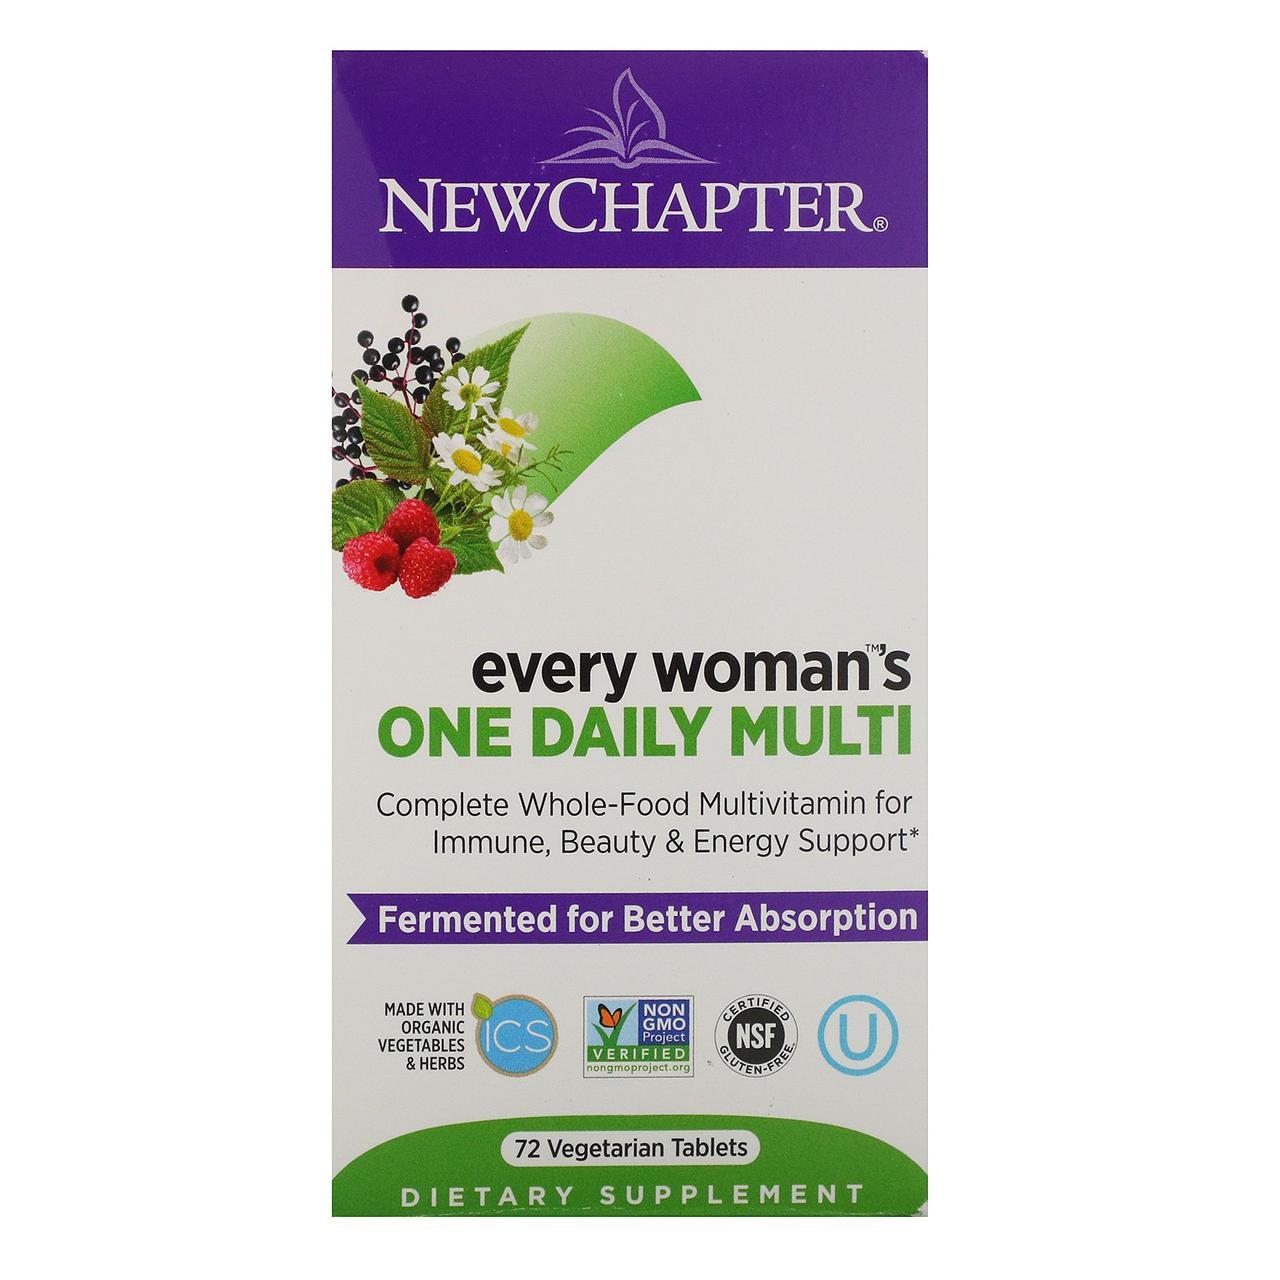 Щоденна мультивітамінна добавка для жінок, 72 вегетаріанських таблетки, New Chapter, Every Woman